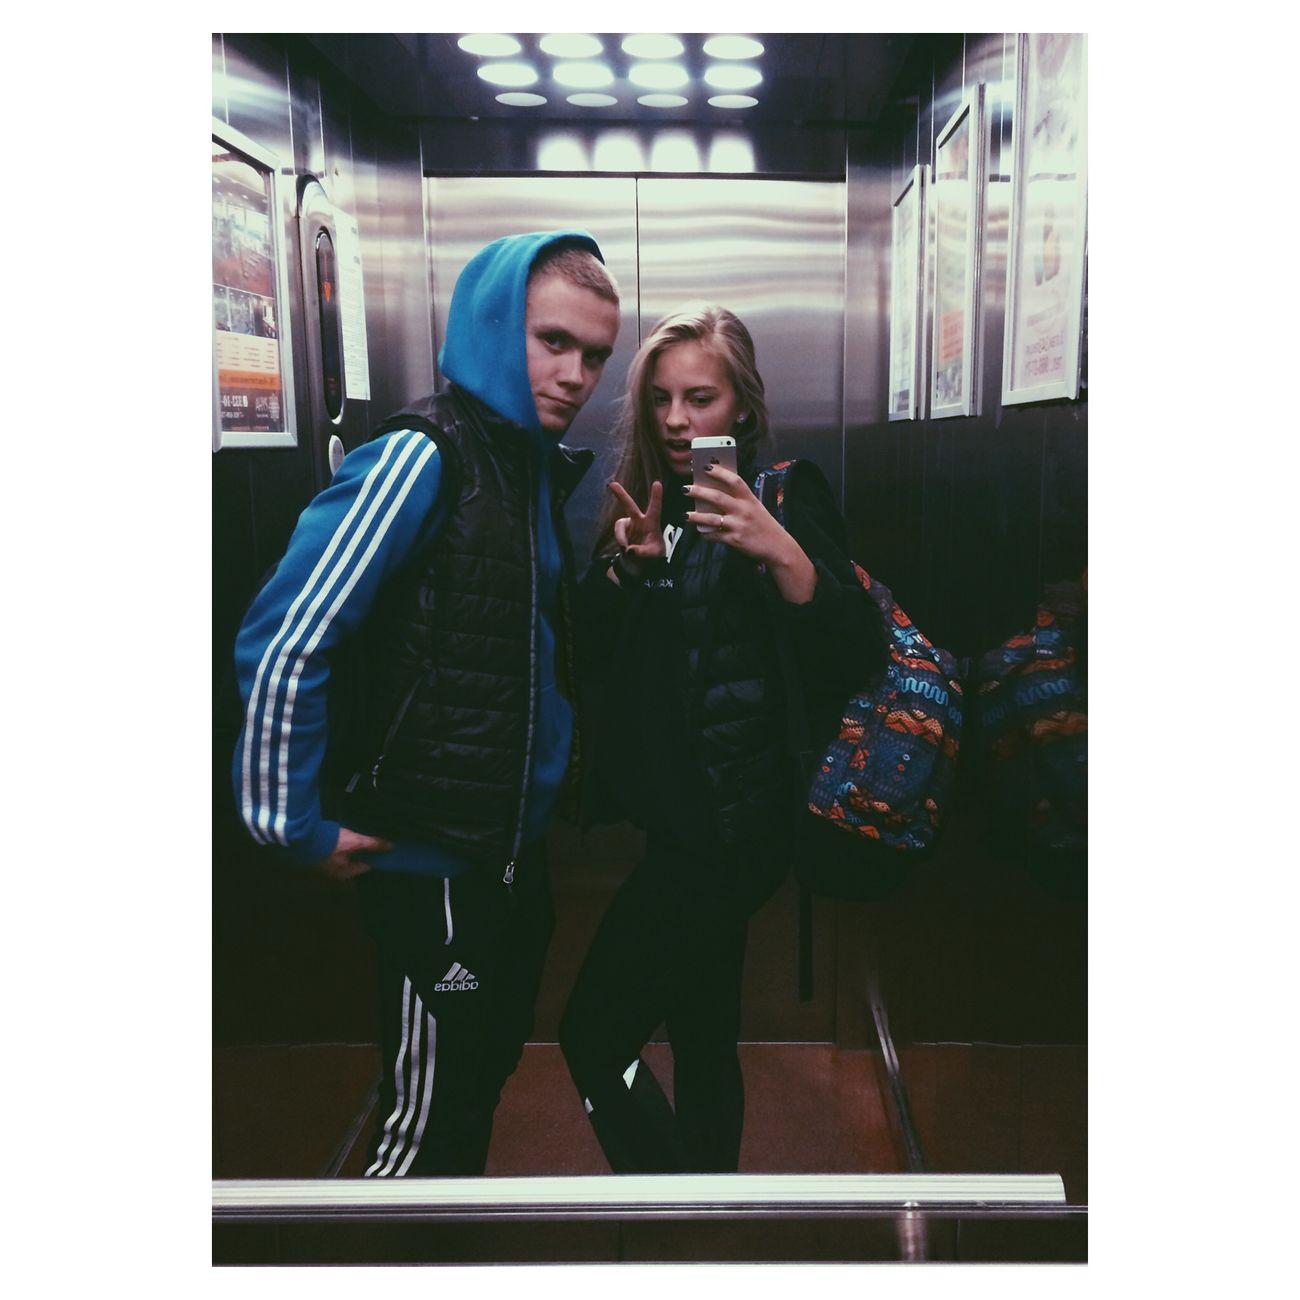 Russia Любимый❤ Spb руна стренировки 💪🏿👸🏼